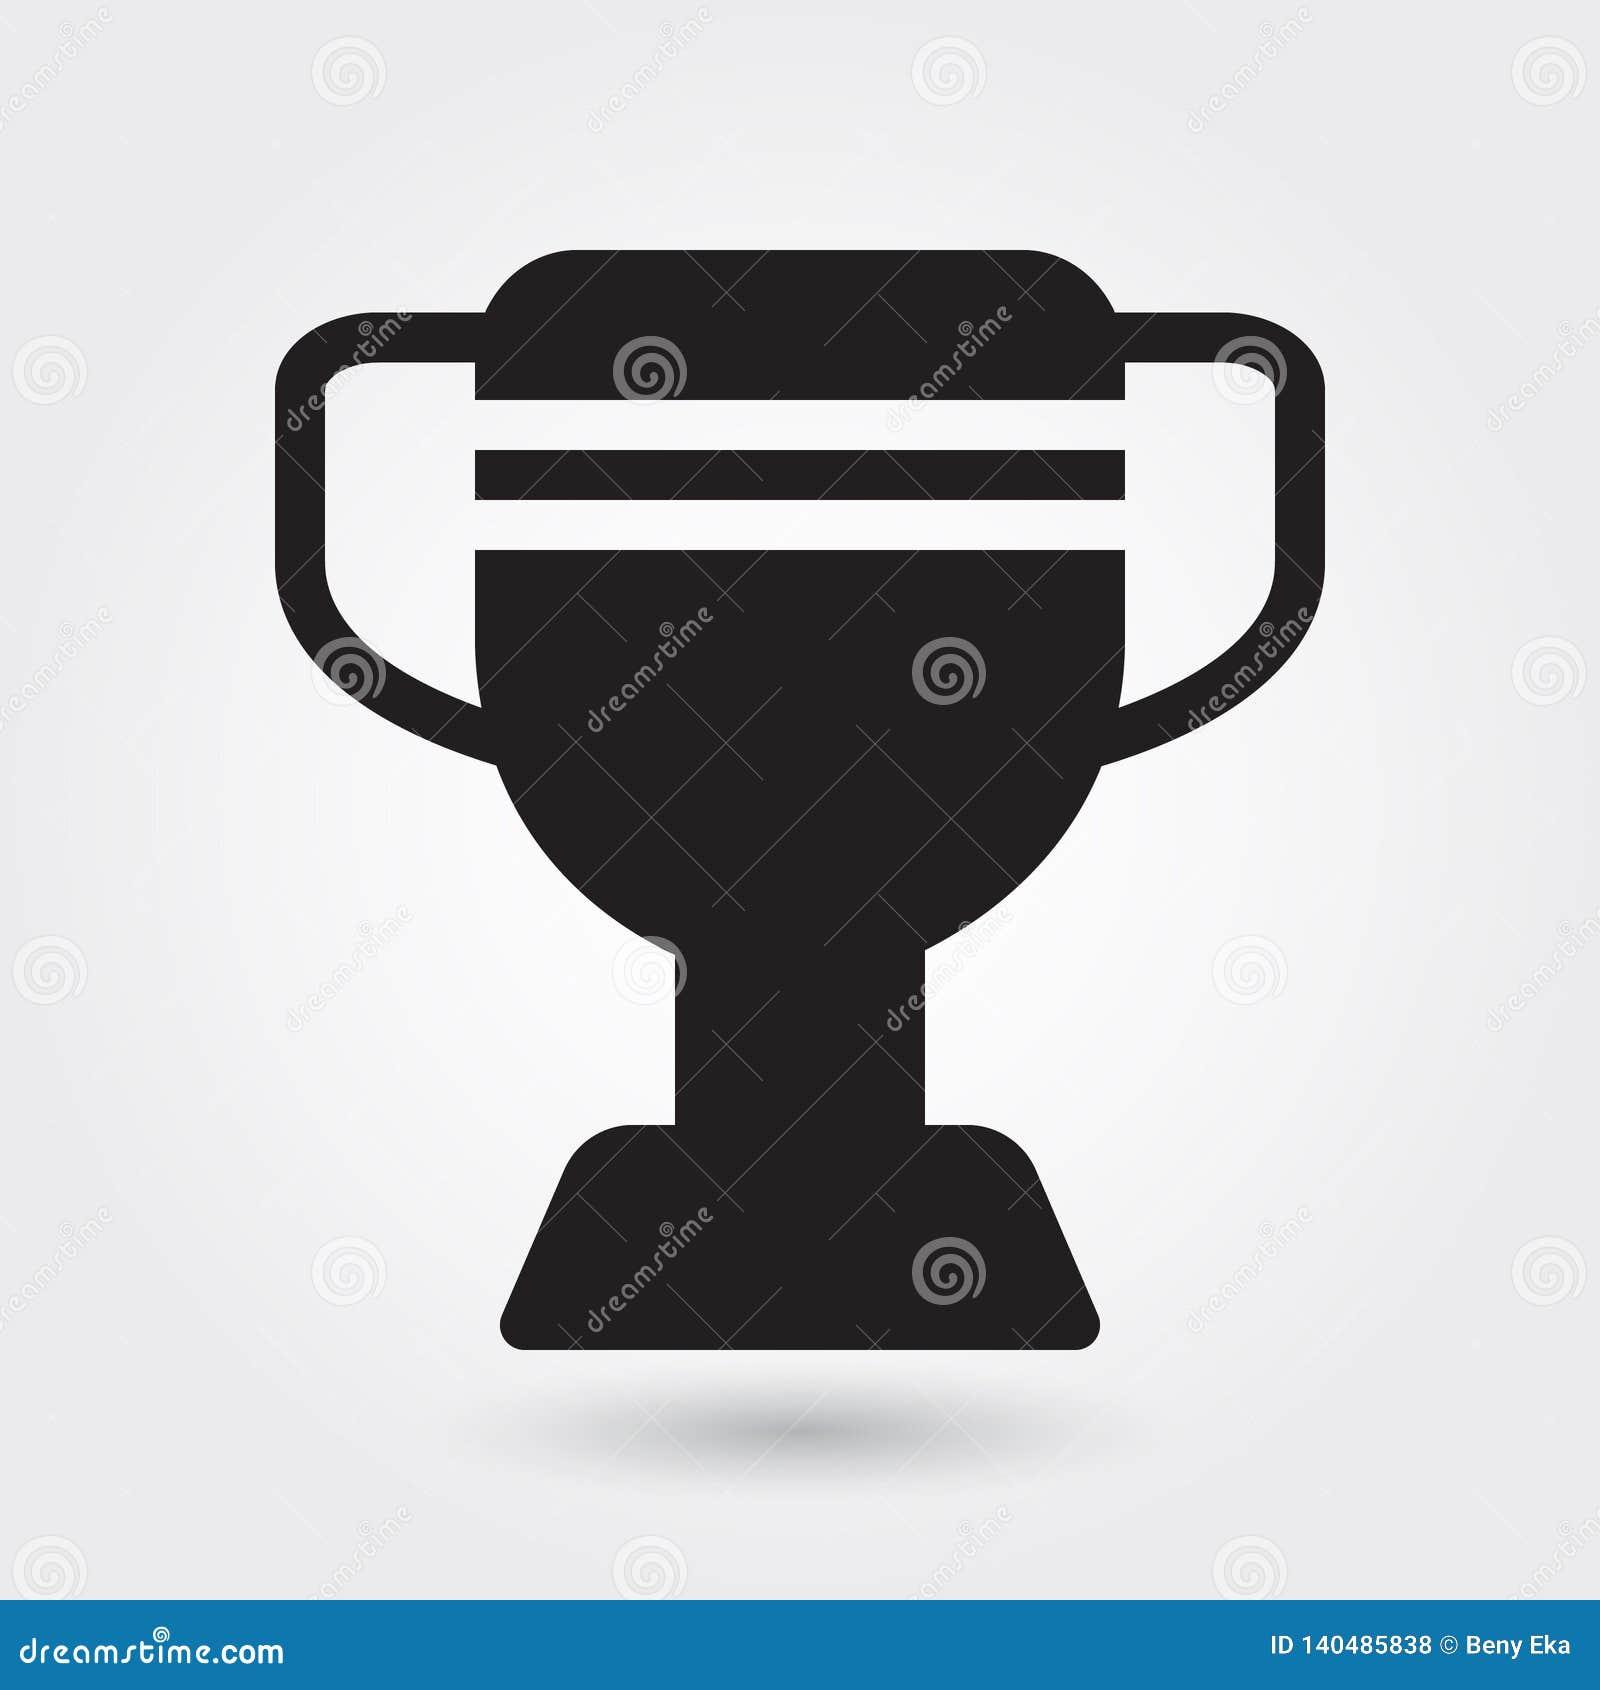 Icône de vecteur de trophée, icône de champion de sports, symbole de gagnant de sports Glyph moderne et simple, vecteur solide